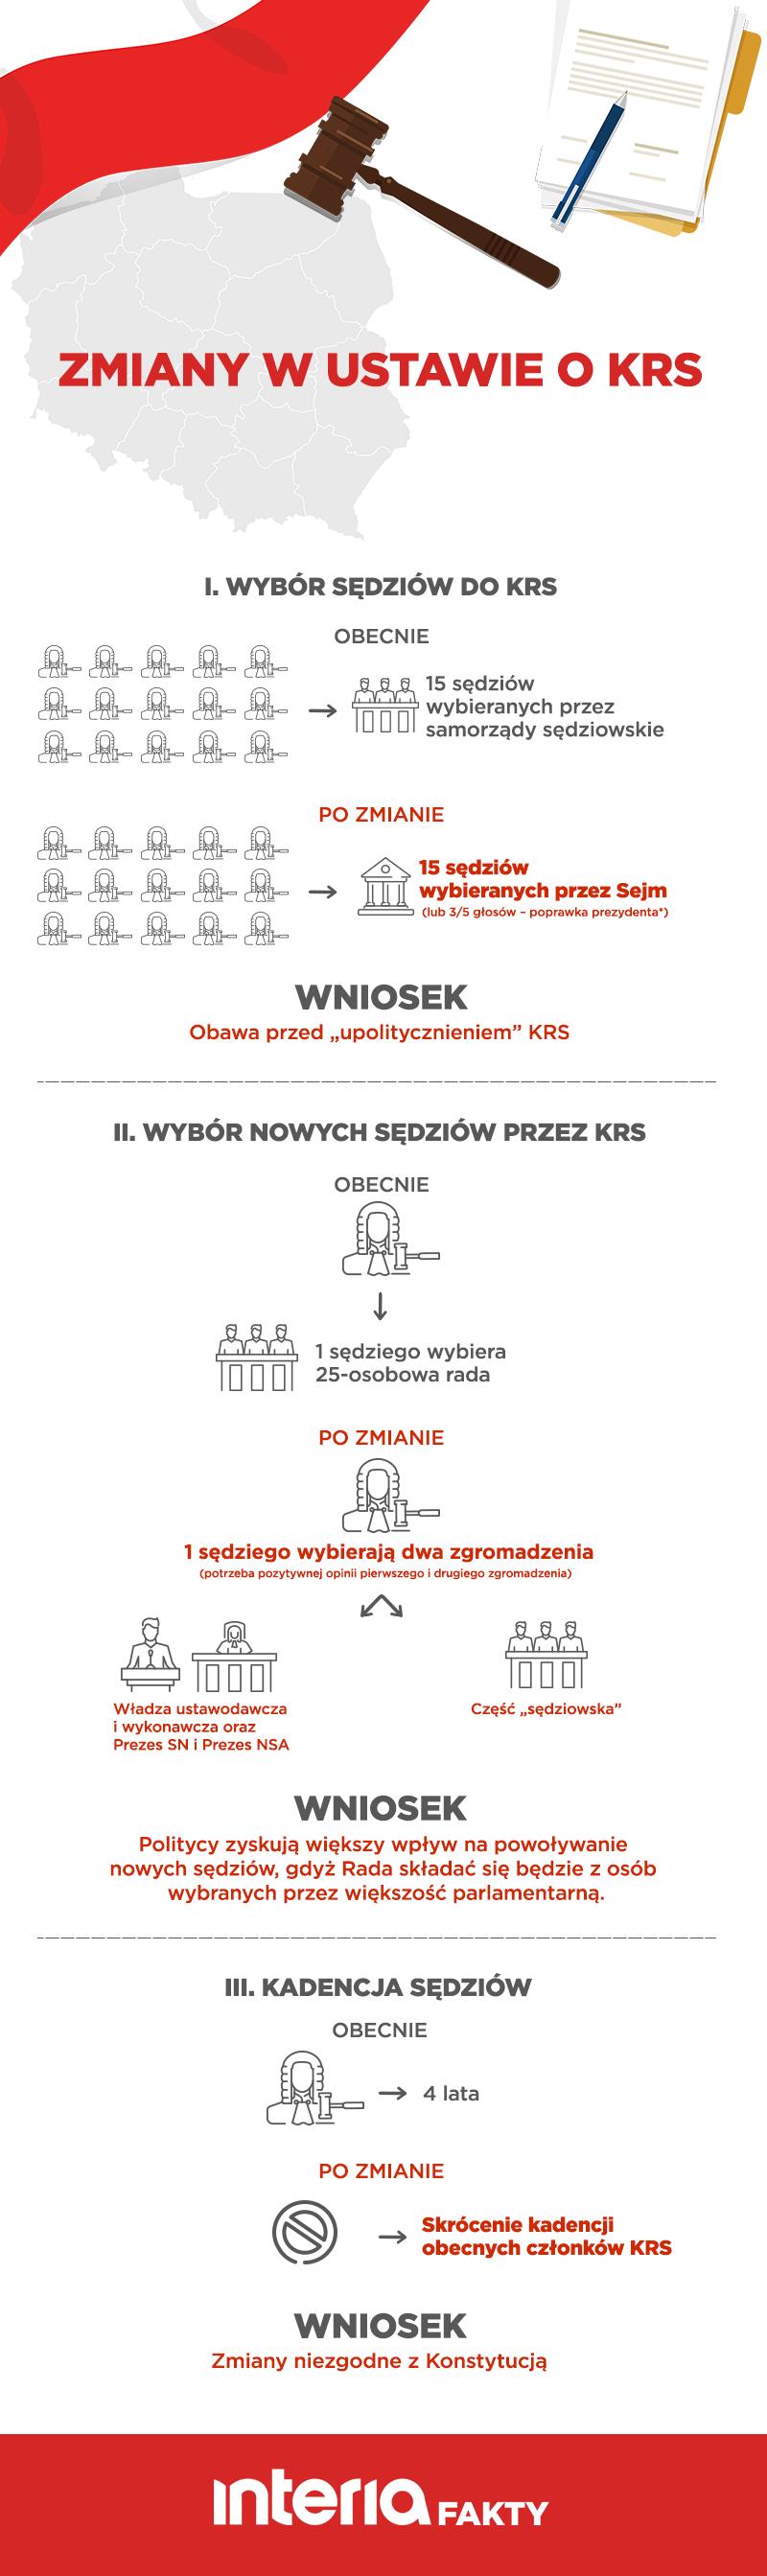 Zmiany w ustawie o KRS /INTERIA.PL